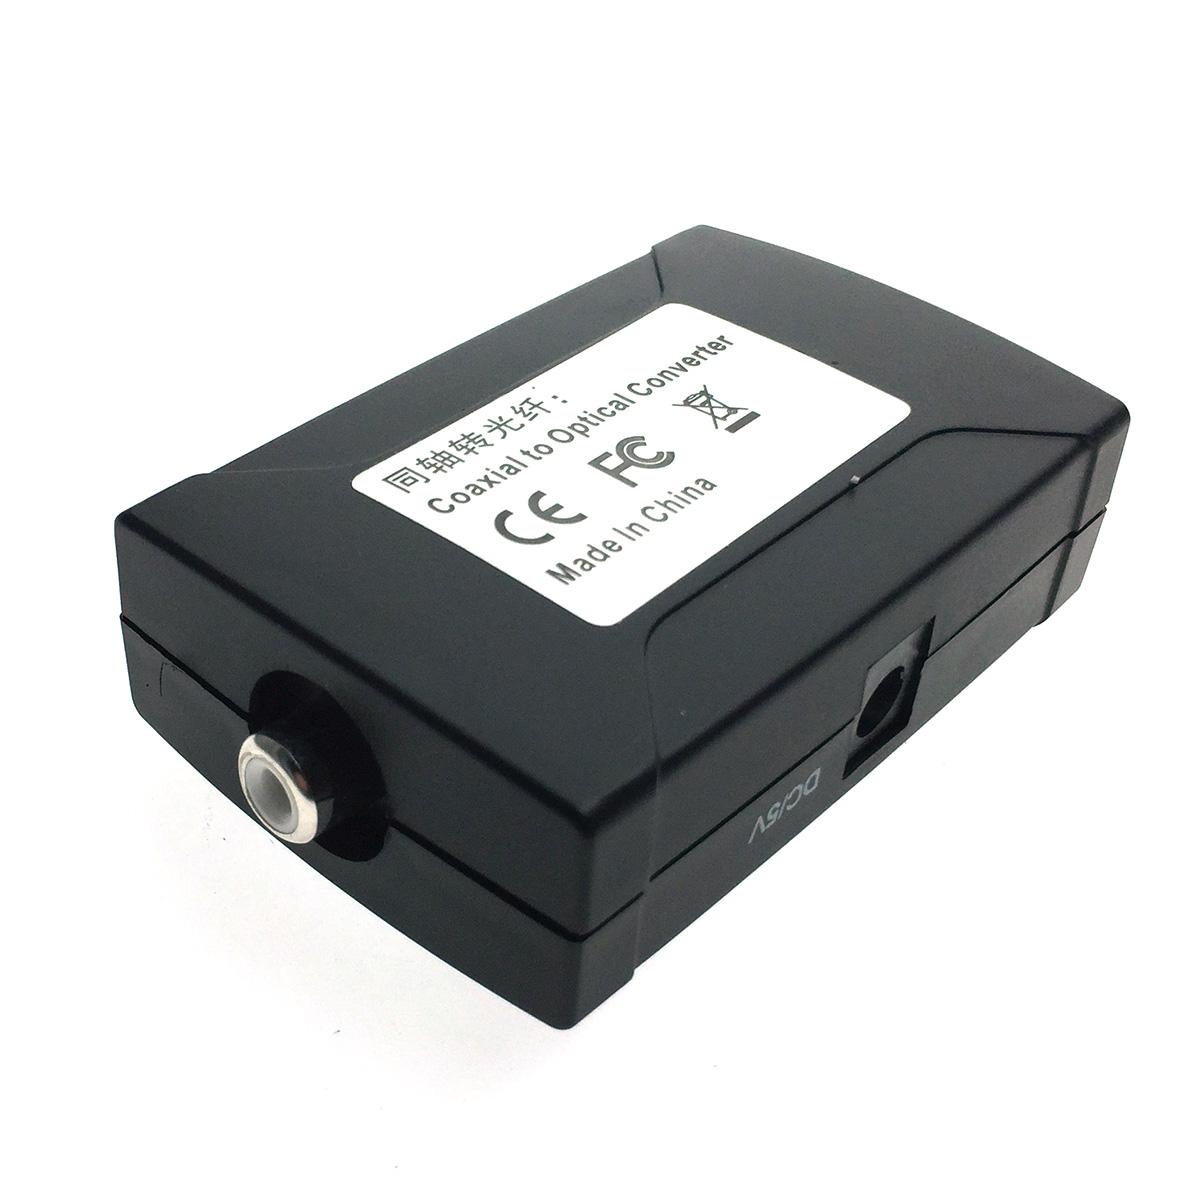 Аудио конвертер RCA (Coaxial) to Toslink ( Optical), модель EDH-R/T